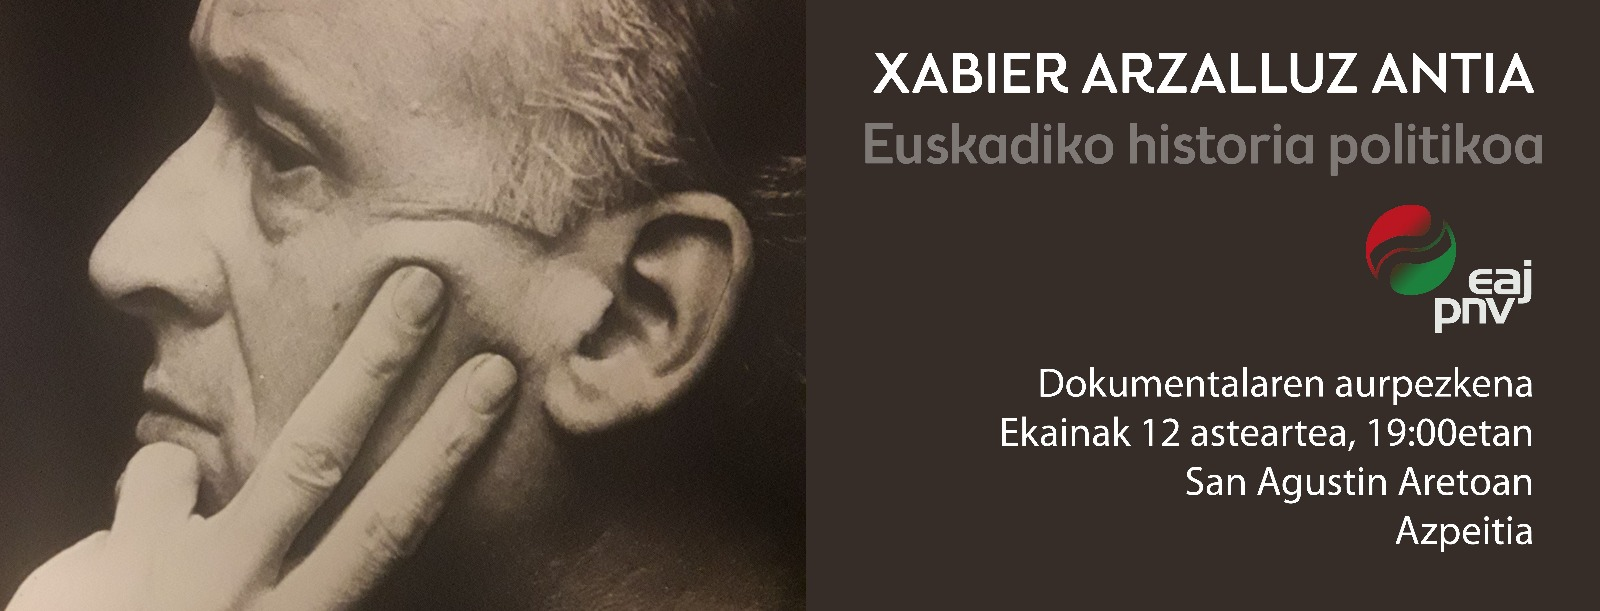 Xabier Arzallus Antia. Euskadiko historia politikoa